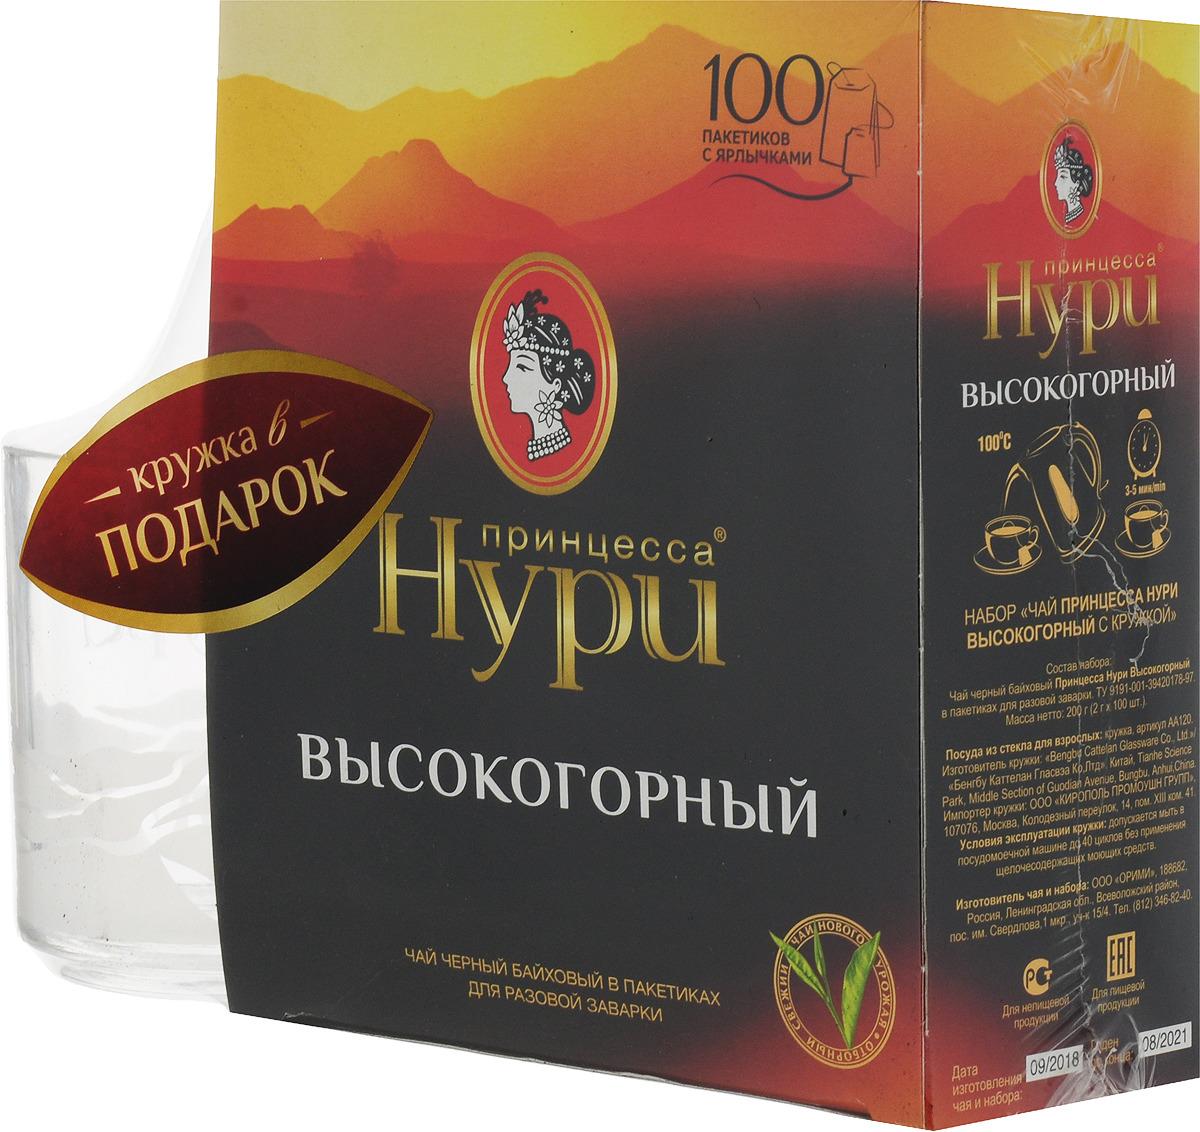 Подарочный набор черного чая в пакетиках Принцесса Нури Высокогорный, 100 шт по 2 г + кружка подарочный набор черного чая в пакетиках принцесса нури высокогорный 100 шт по 2 г кружка